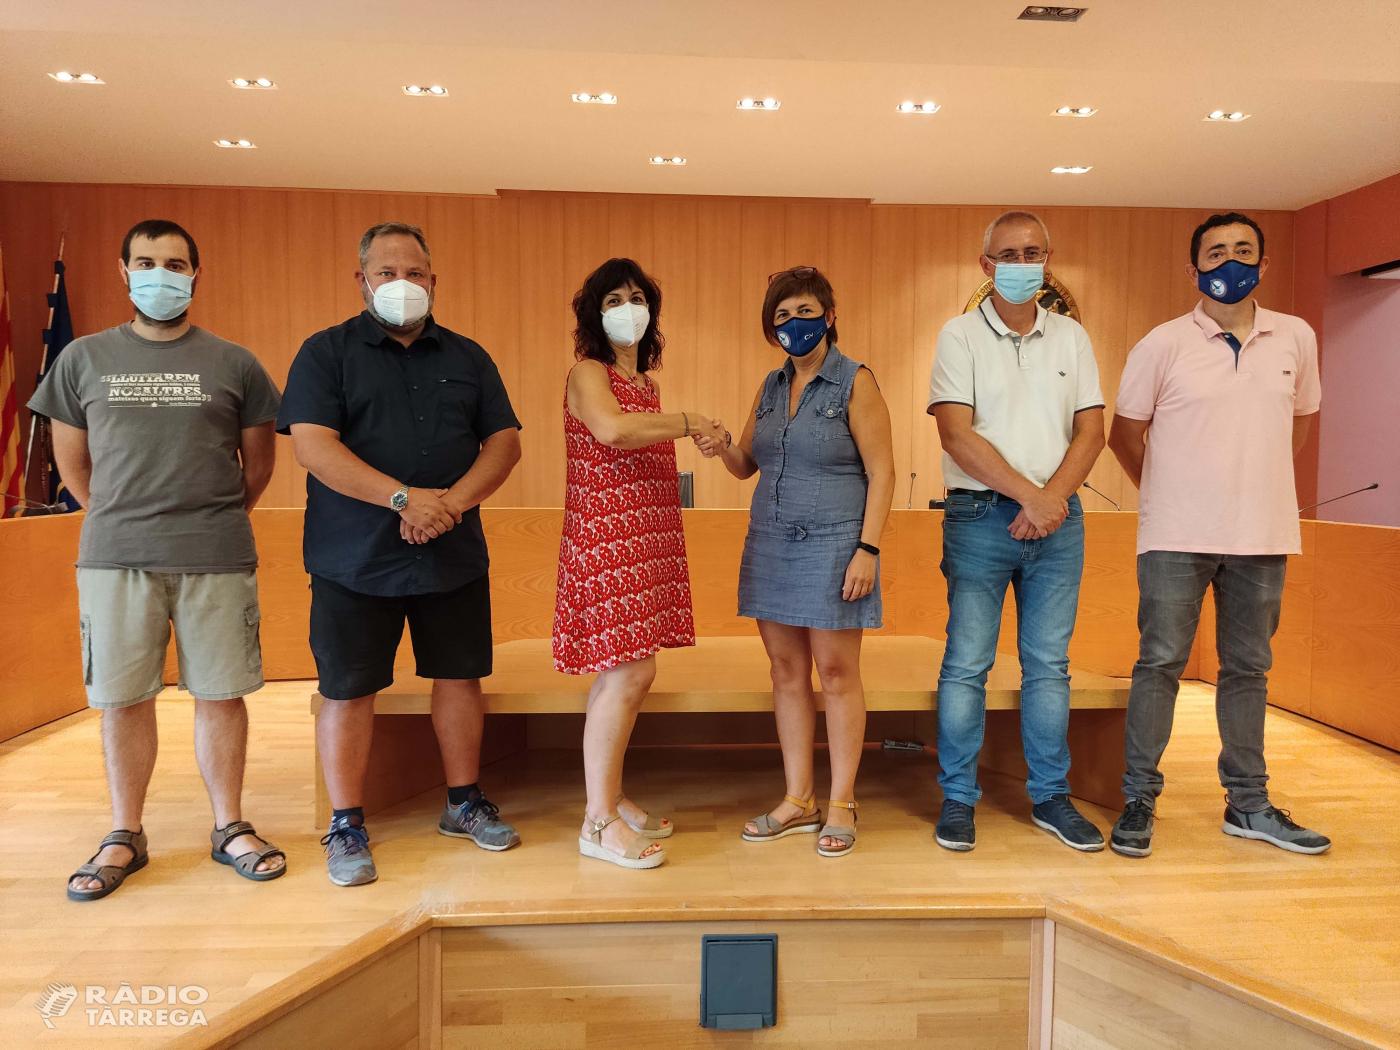 L'Ajuntament de Tàrrega i el Club Natació Tàrrega signen un contracte per fer ús del seu pavelló per a activitats esportives, firals i culturals